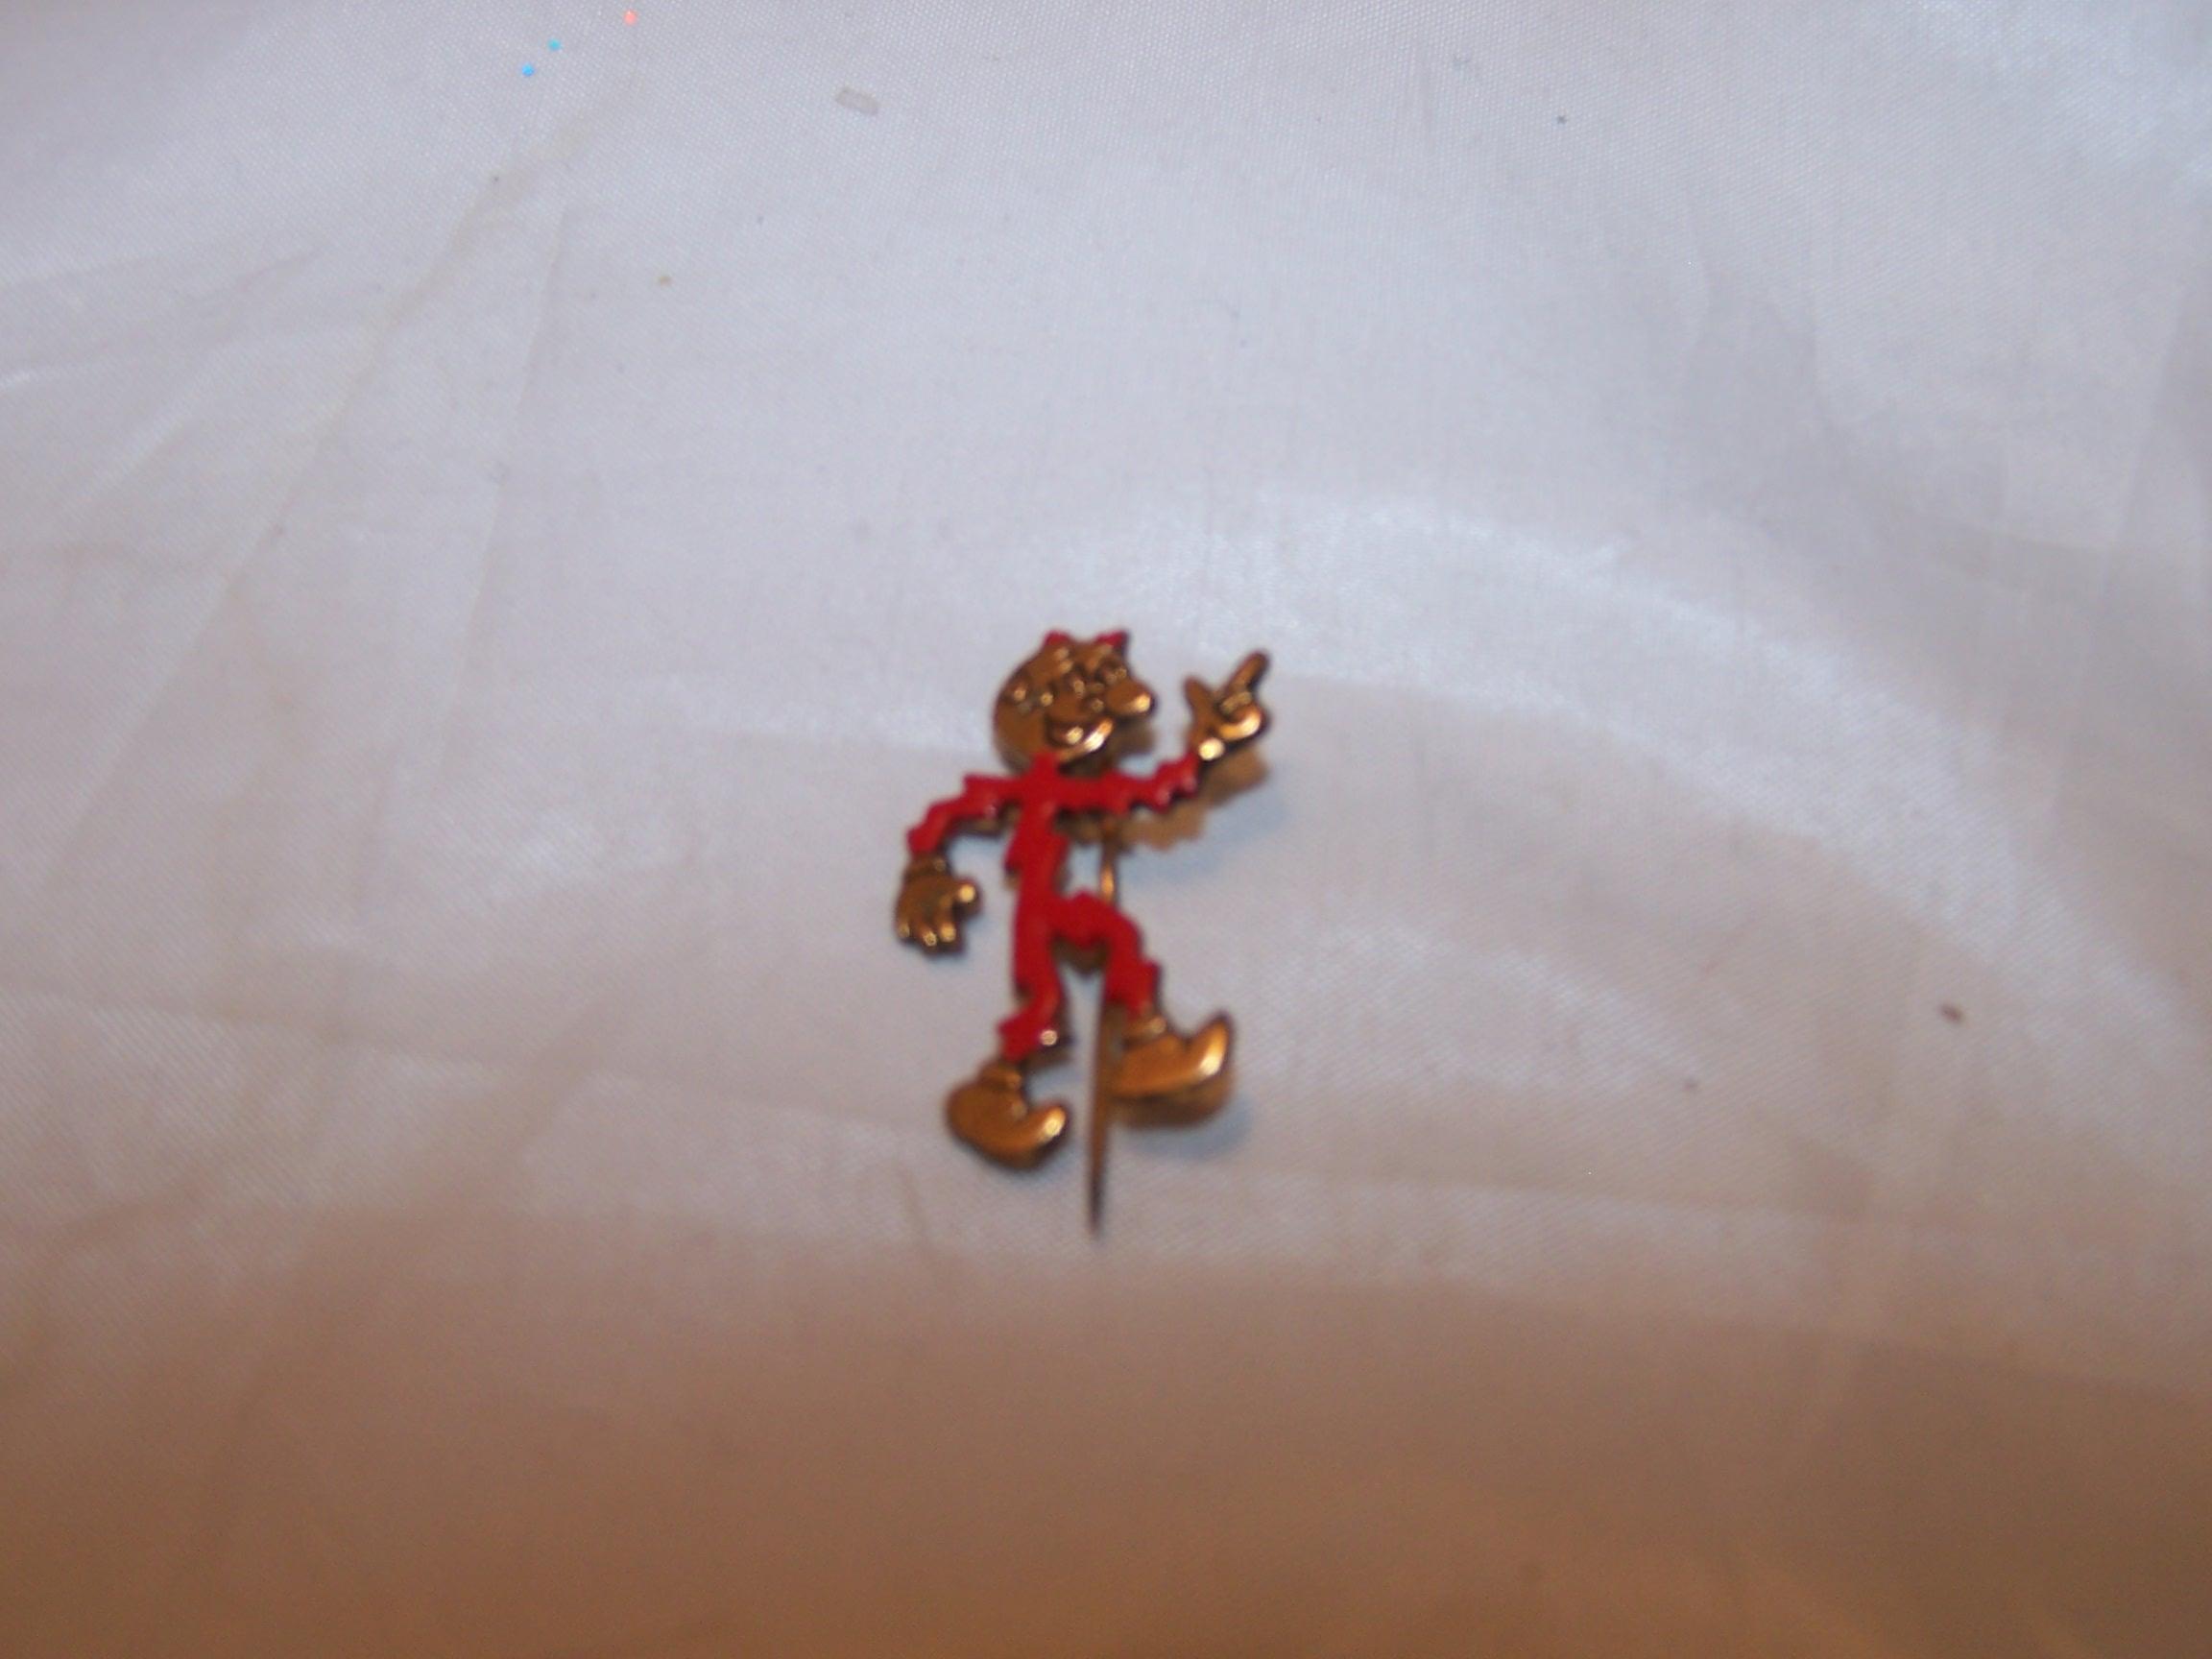 Reddy Kilowatt, The Mighty Atom, Pin